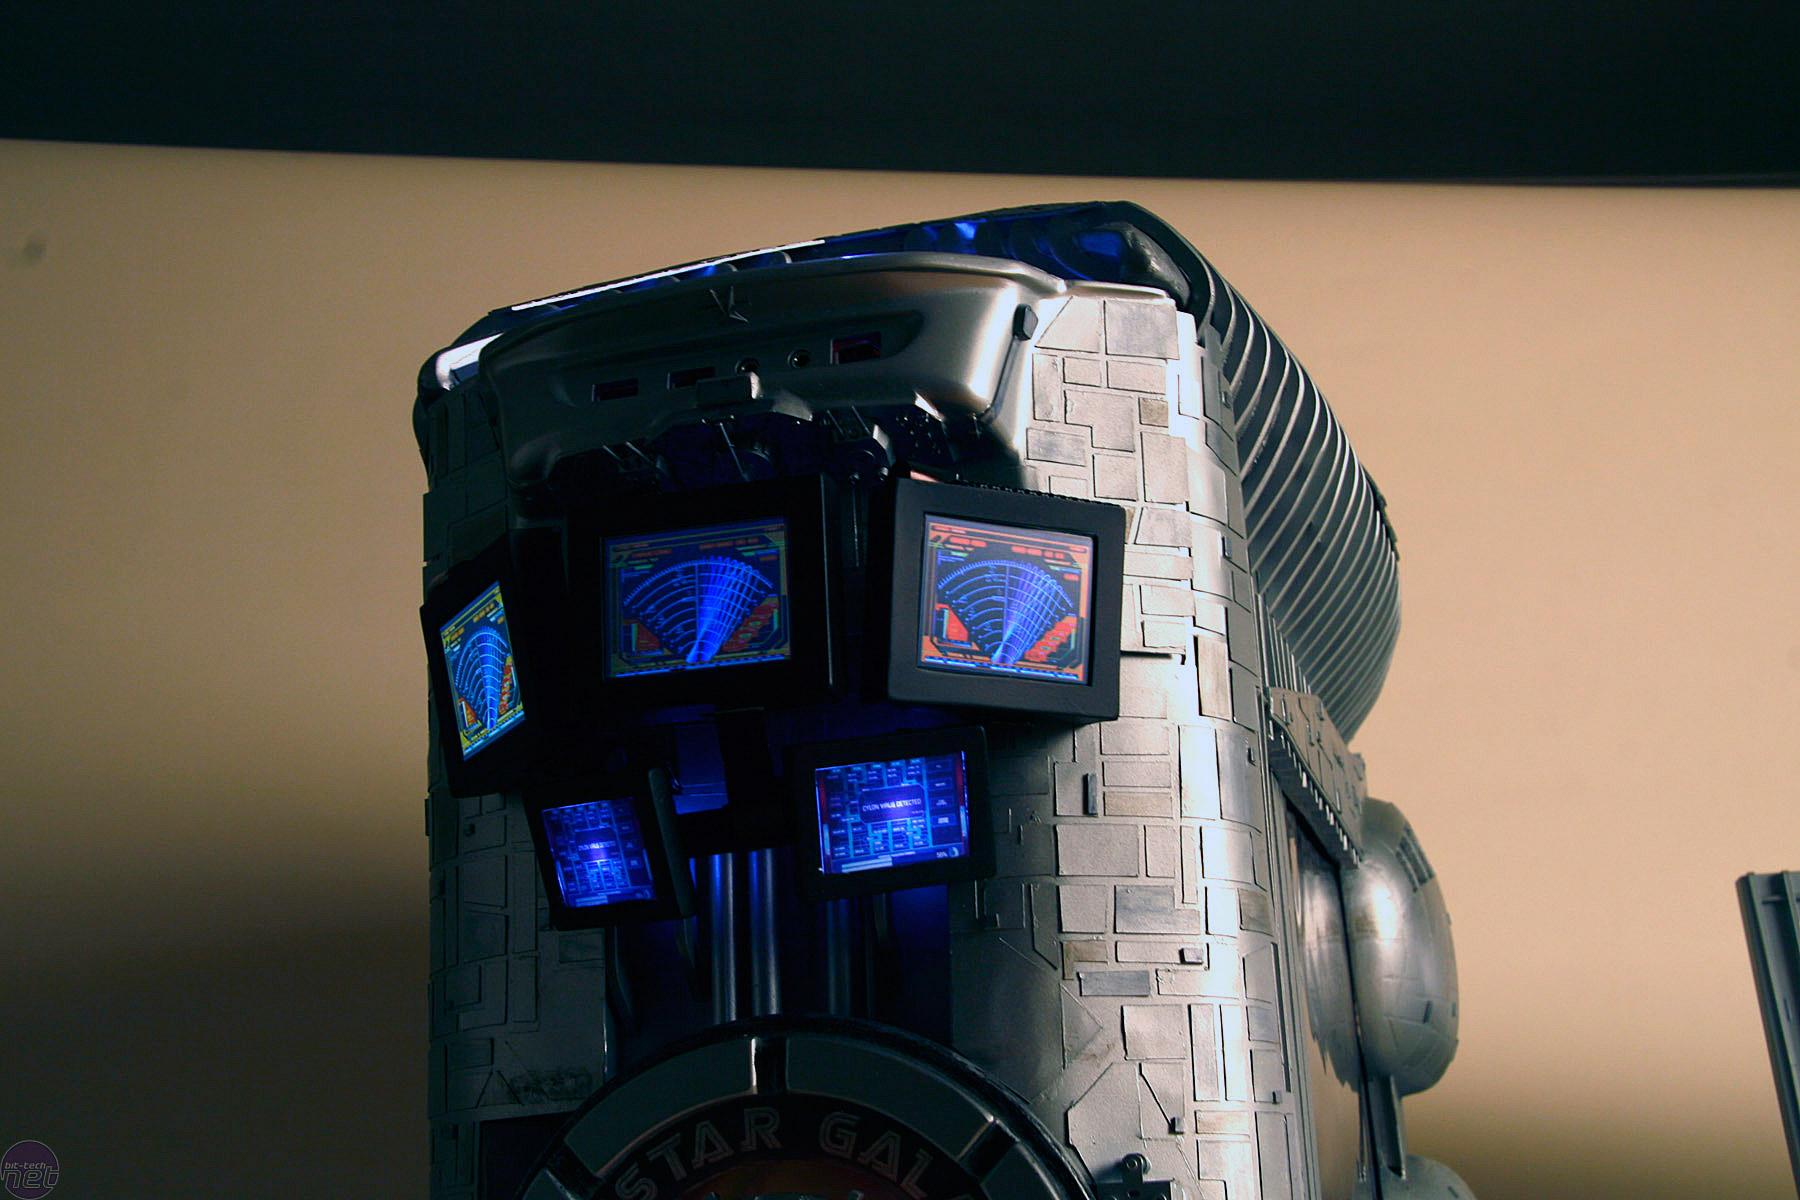 Battlestar Galactica Case Mod By Boddaker Bit Tech Net